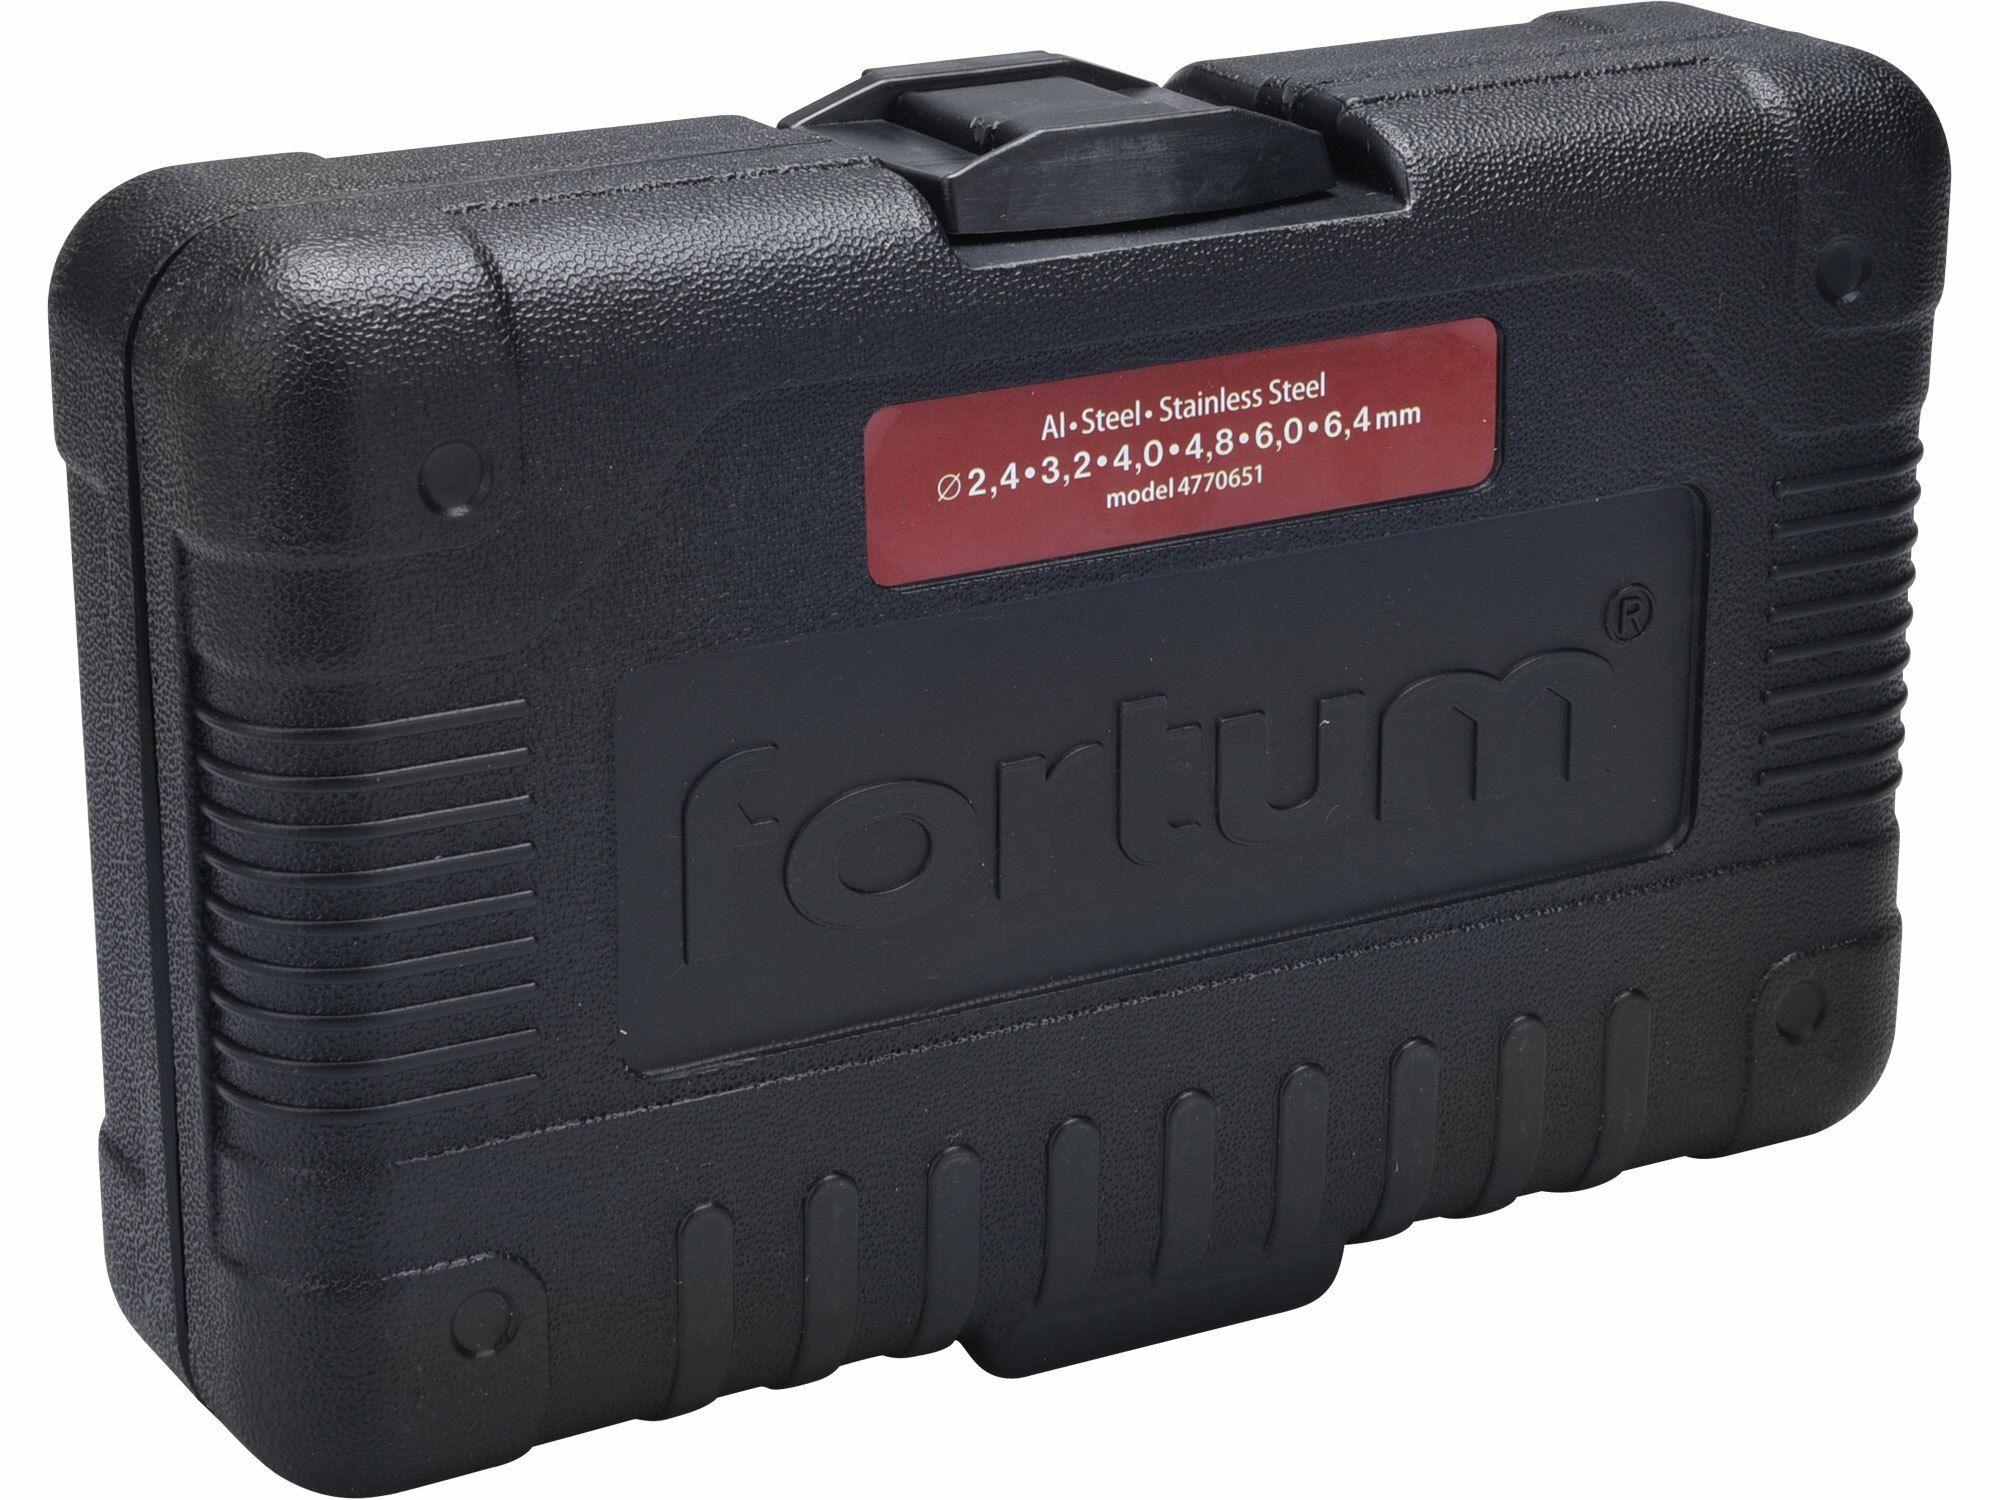 Nástavec nýtovací na vrtačku, pro trhací nýty 2,4-6,4mm, CrMo, FORTUM